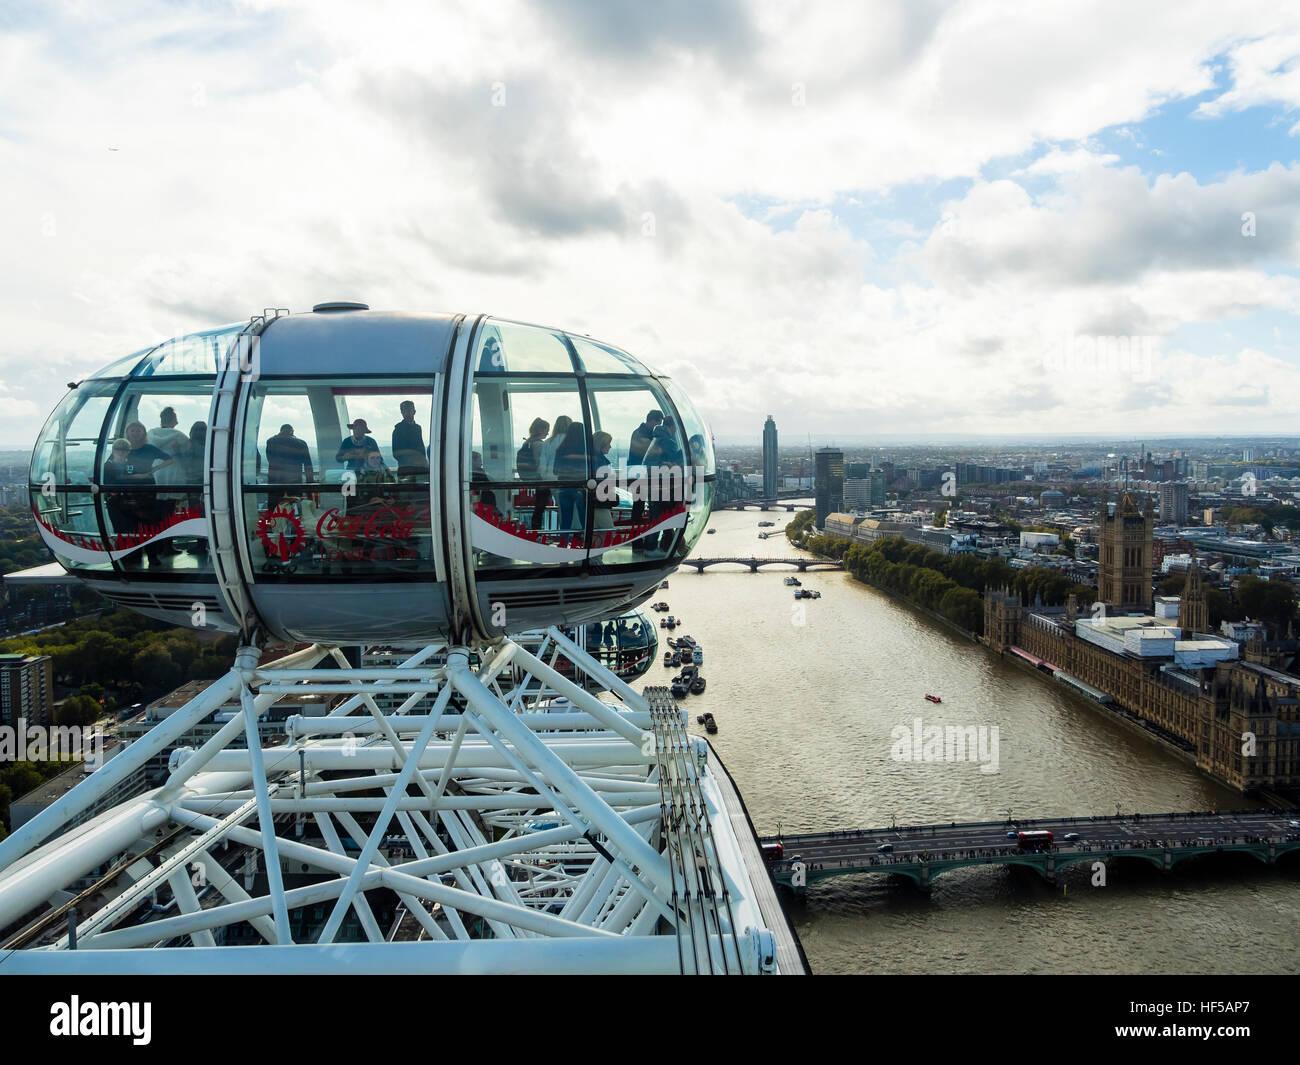 Las cápsulas, London Eye, London, England, Reino Unido Imagen De Stock